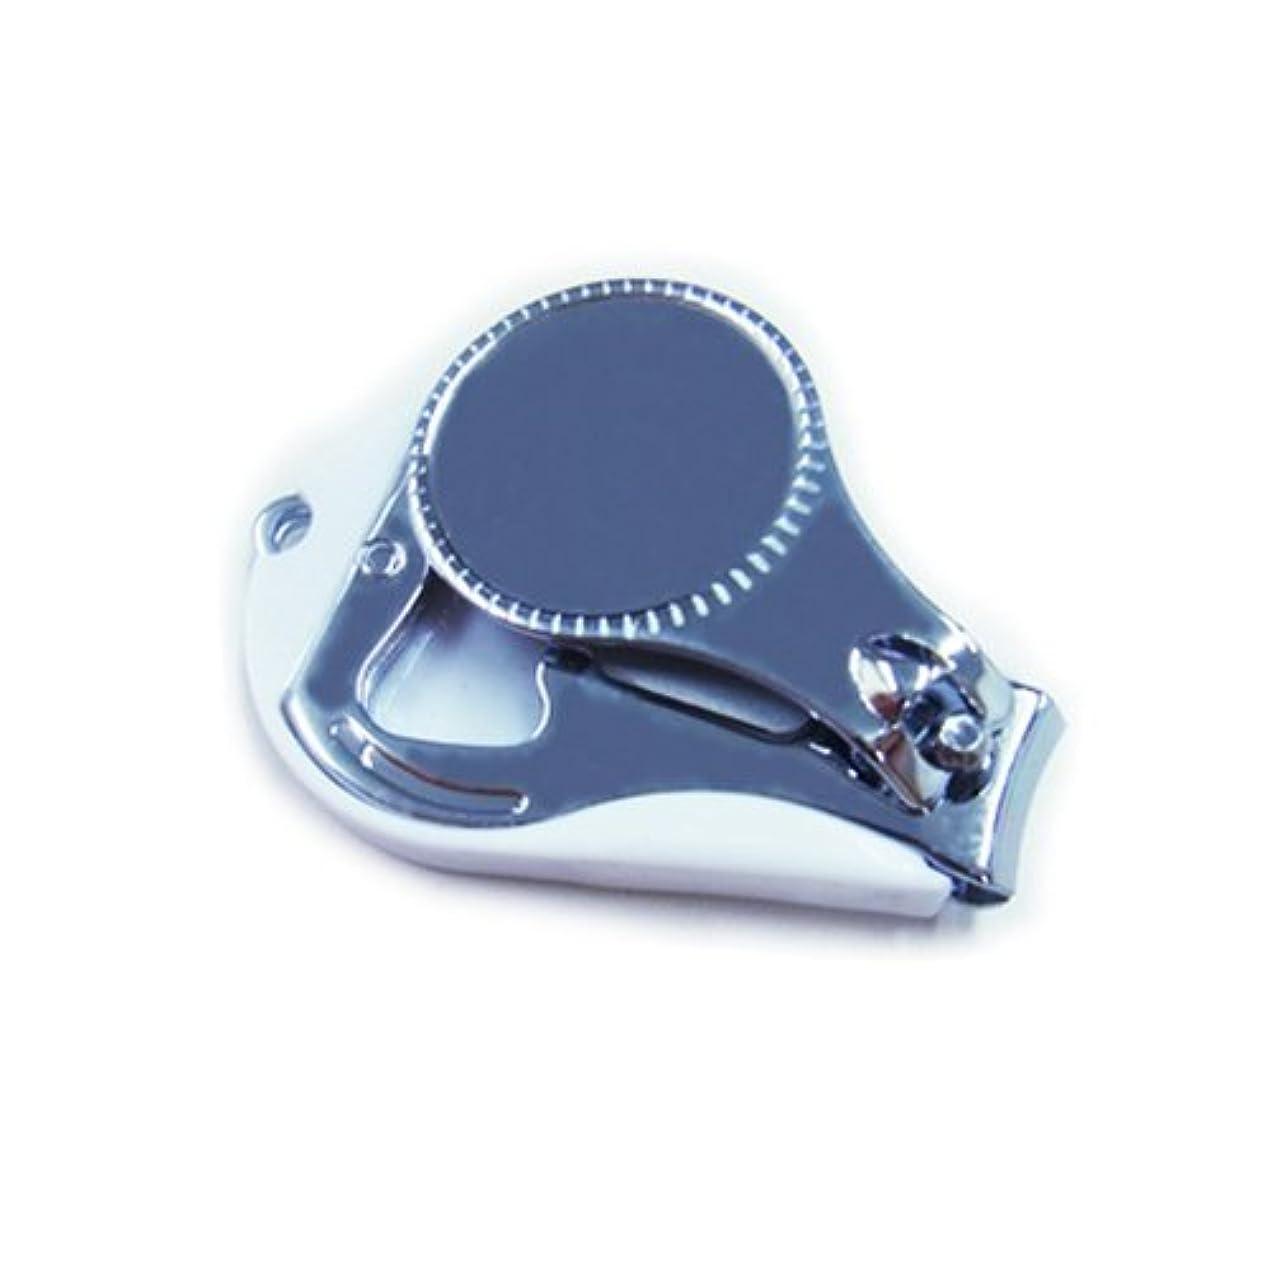 靴ナインへ意識的【爪切り】 デコ土台/デコ素材/爪切/デコりやすい爪切り/ベース/デコ用 (ホワイト)